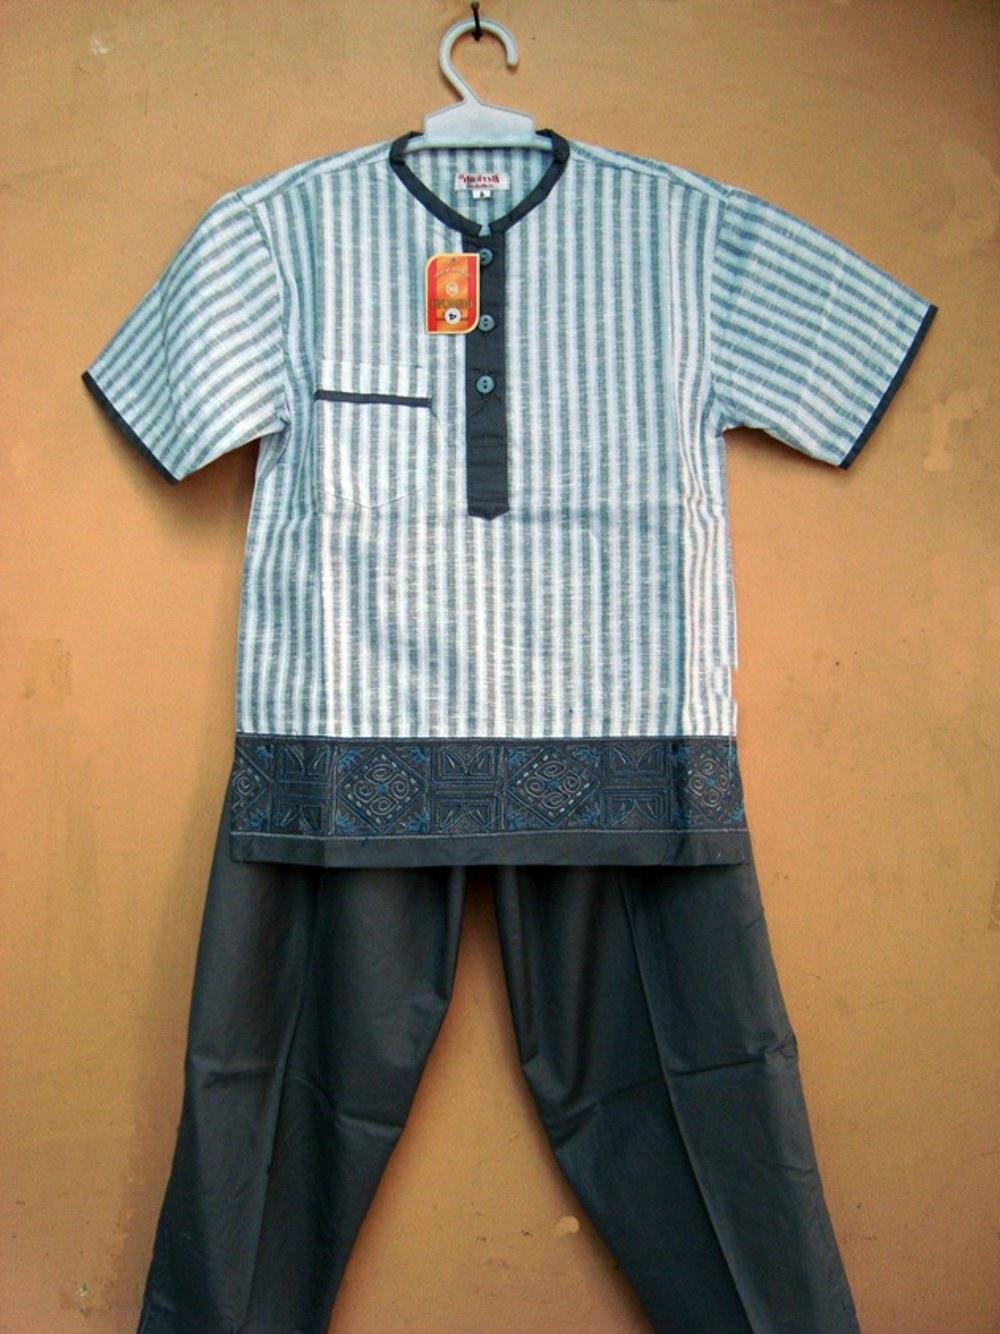 Ide Model Baju Lebaran Laki Laki 2018 Irdz Model Kemeja Anak Laki Laki Yang Keren Untuk Hari Lebaran